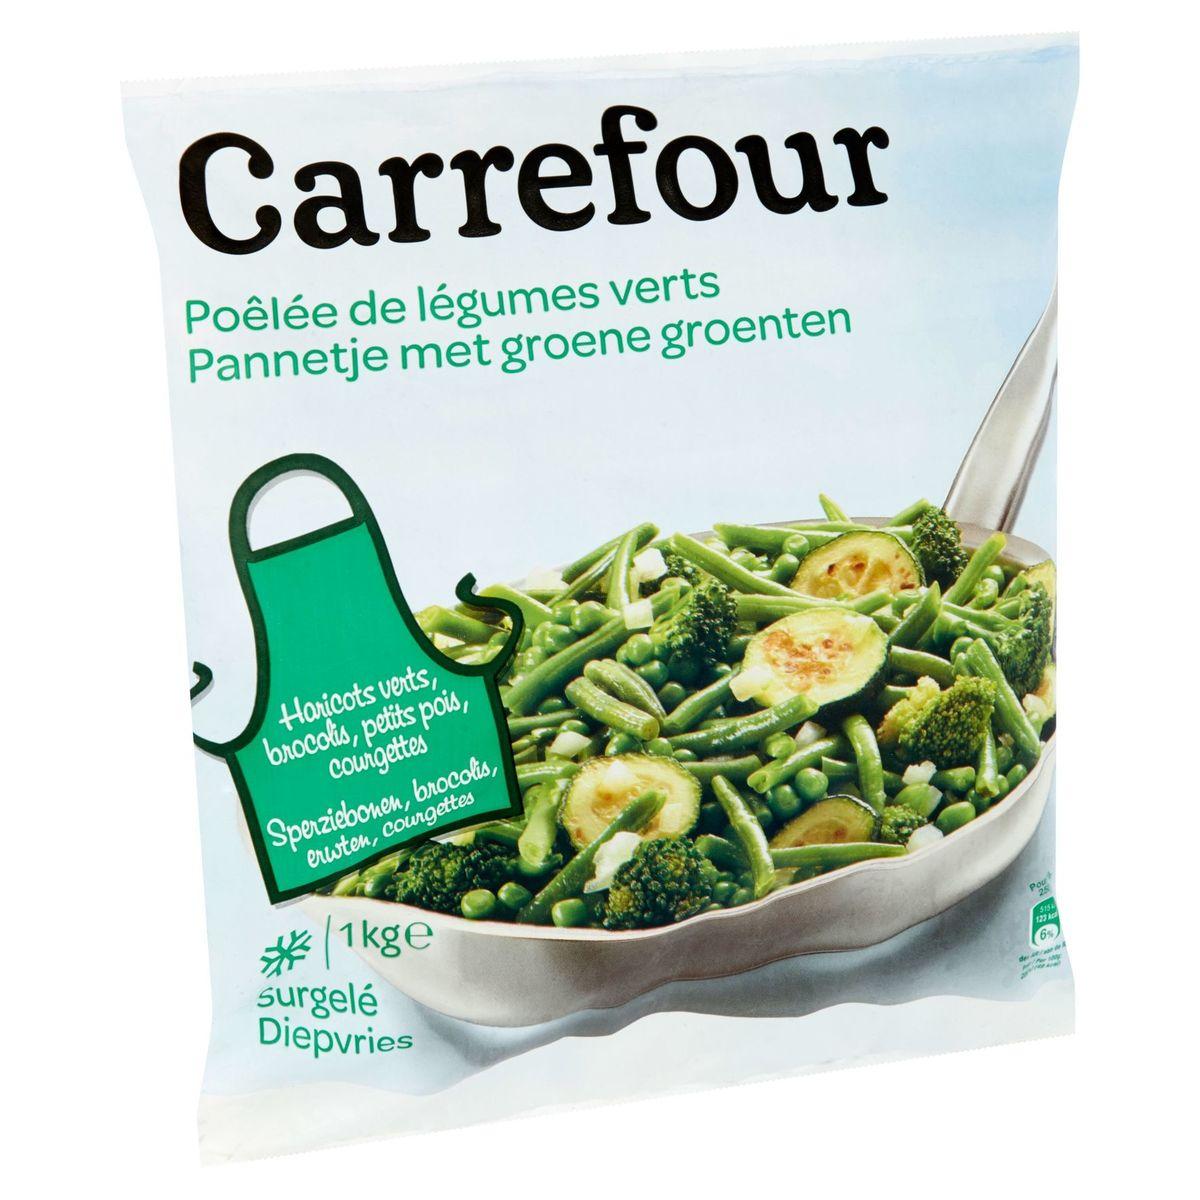 Carrefour Pannetje met Groene Groenten 1 kg